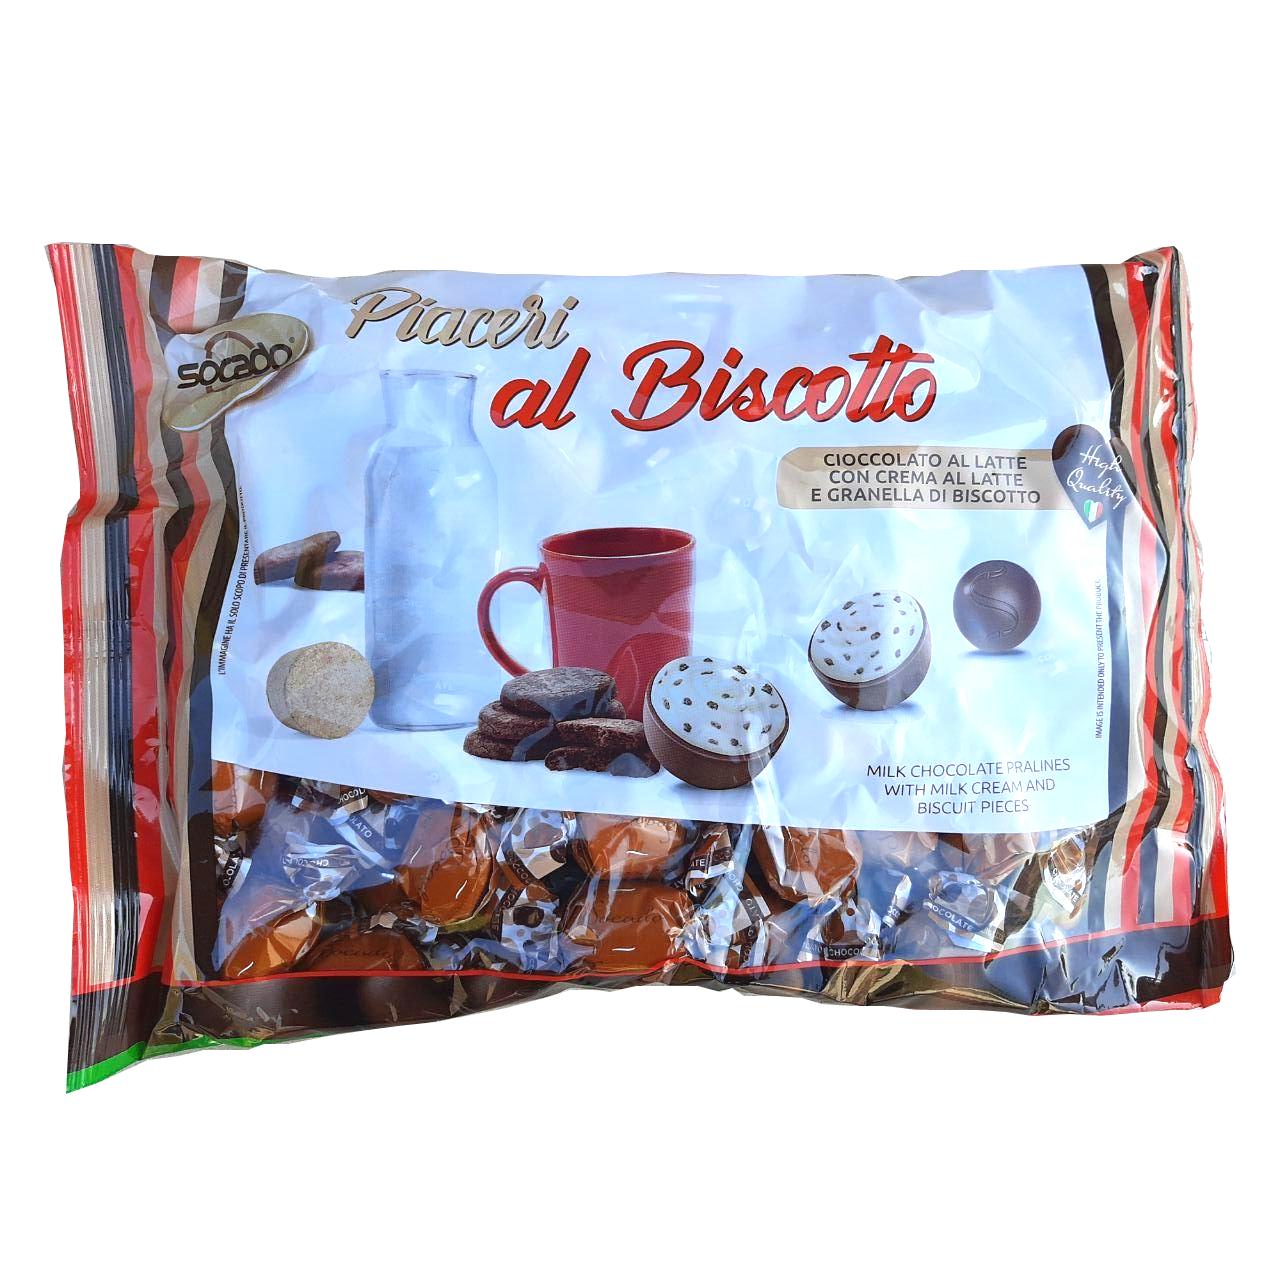 Шоколадные конфеты Бискотто-крем PIACERI 1 кг 1/6 шт Сокадо